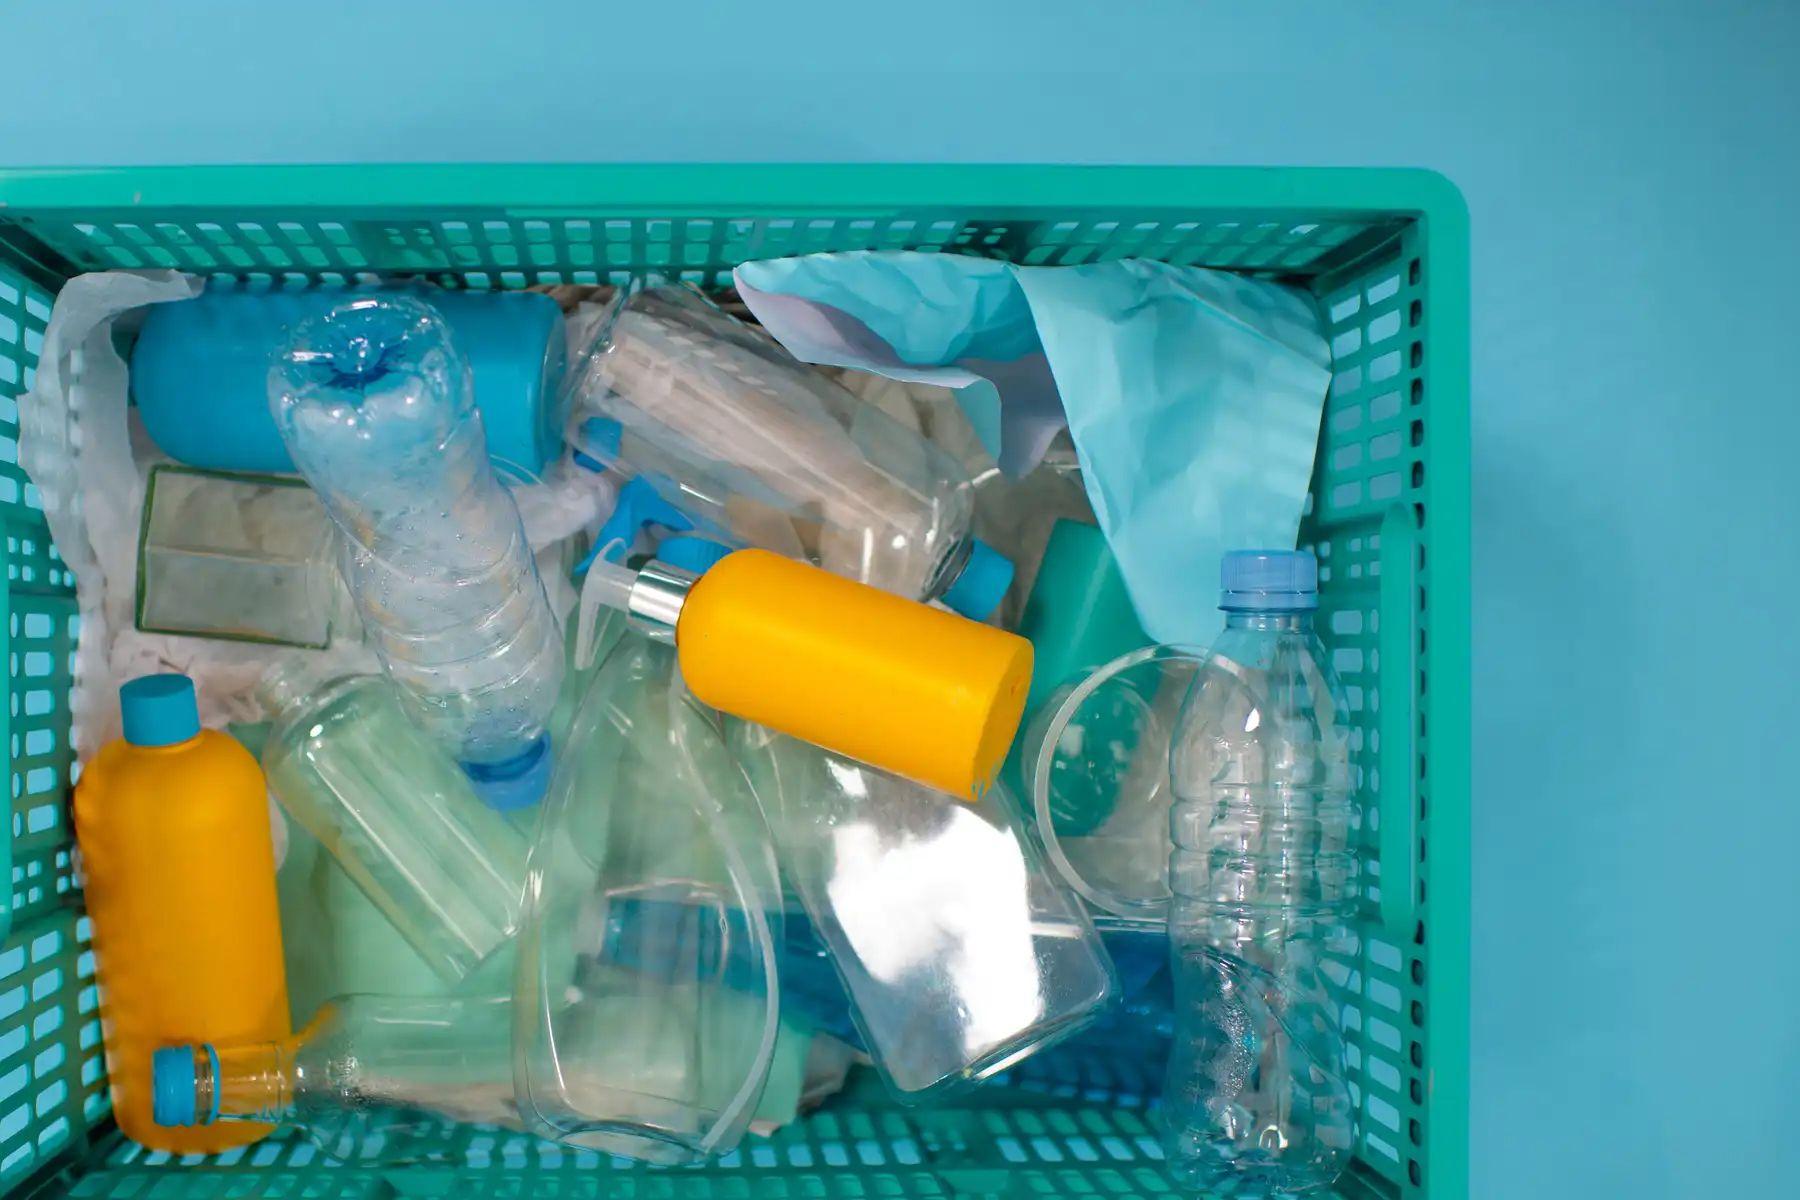 Descubrí cómo reciclar botellas de plástico